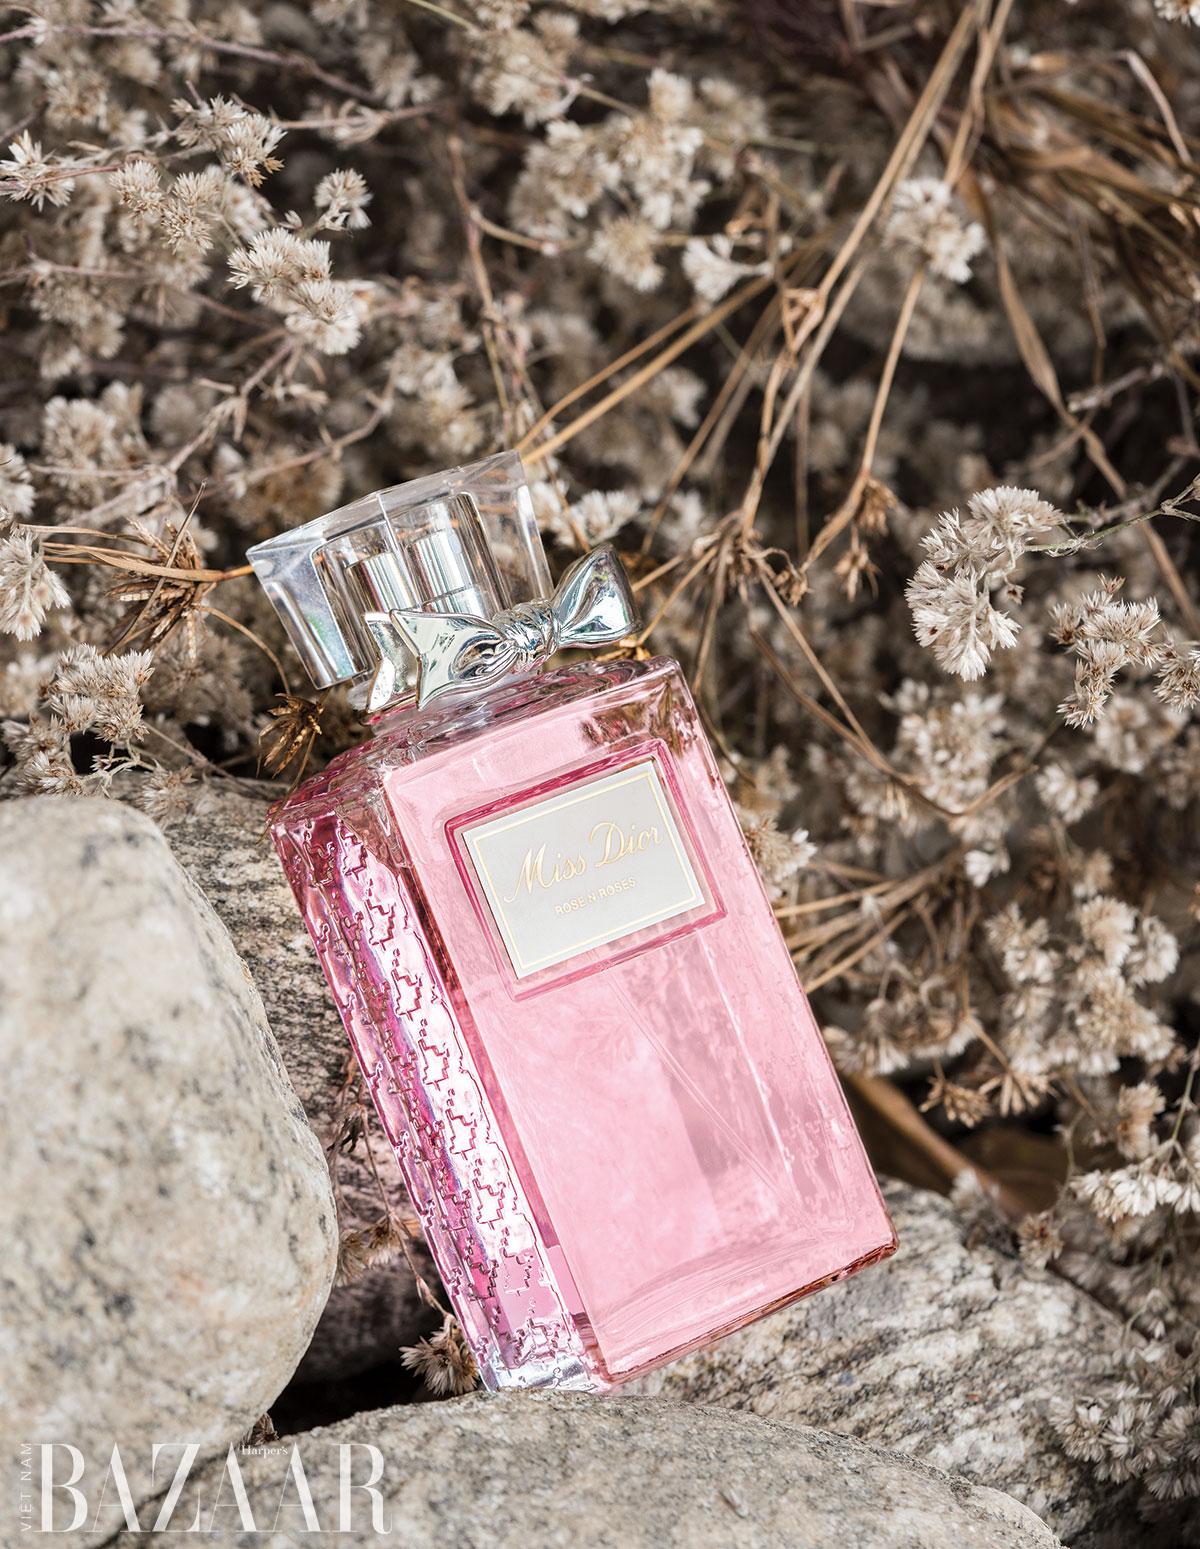 Hương nước hoa nữ cao cấp làm quà tặng Valentine: Miss Dior Rose N'Roses